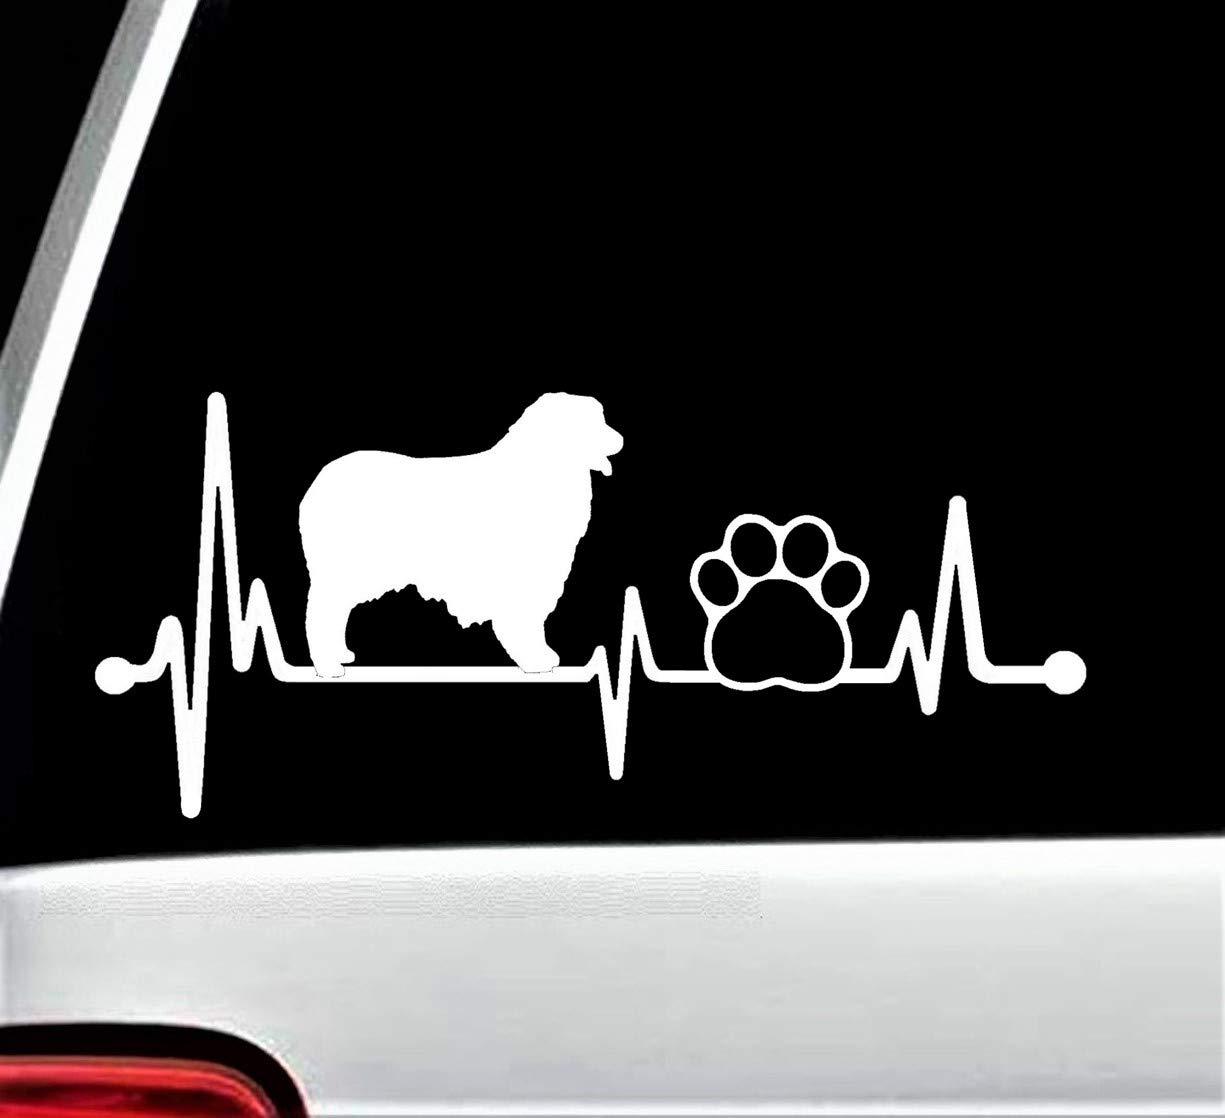 Aussie Australian Shepherd Dog Paw Heartbeat Lifeline Decal Sticker for Car Window BG 141